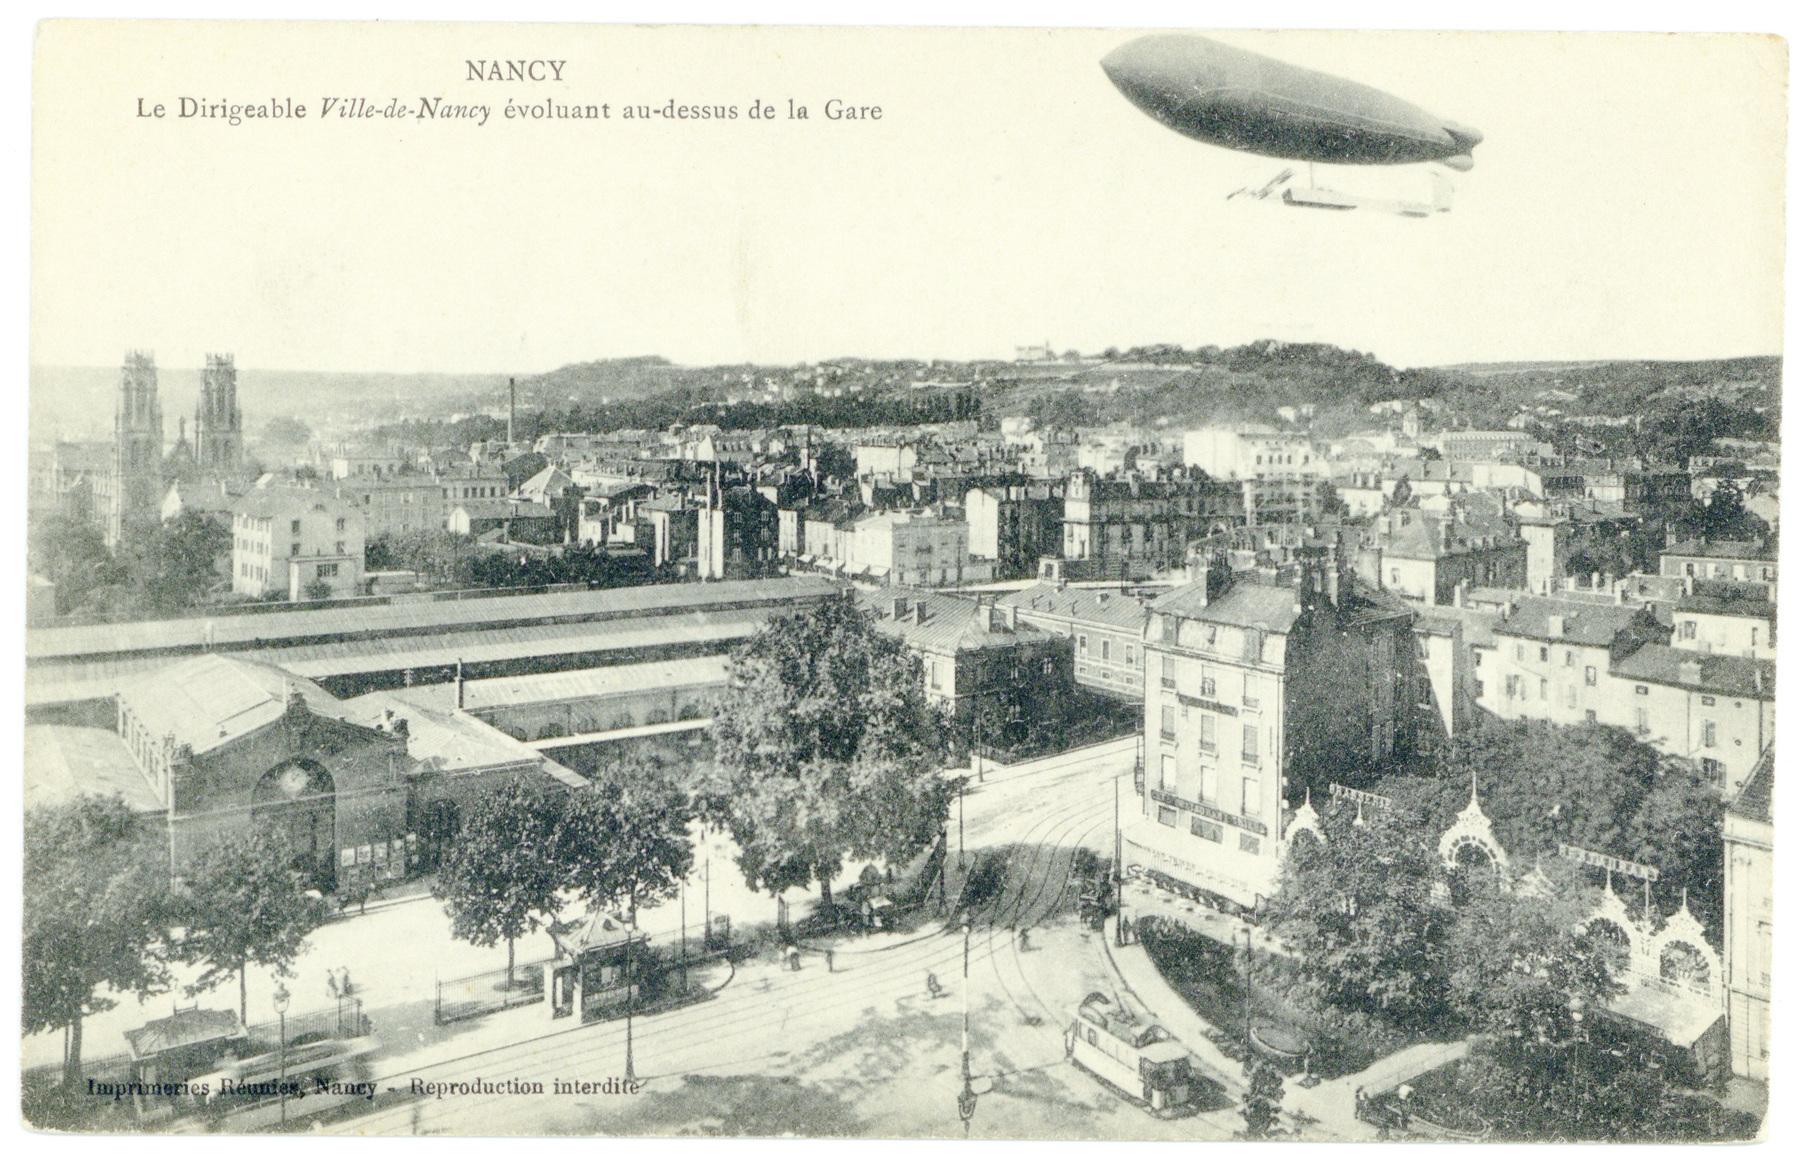 Contenu du Le Dirigeable Ville-de-Nancy évoluant au-dessus de la Gare